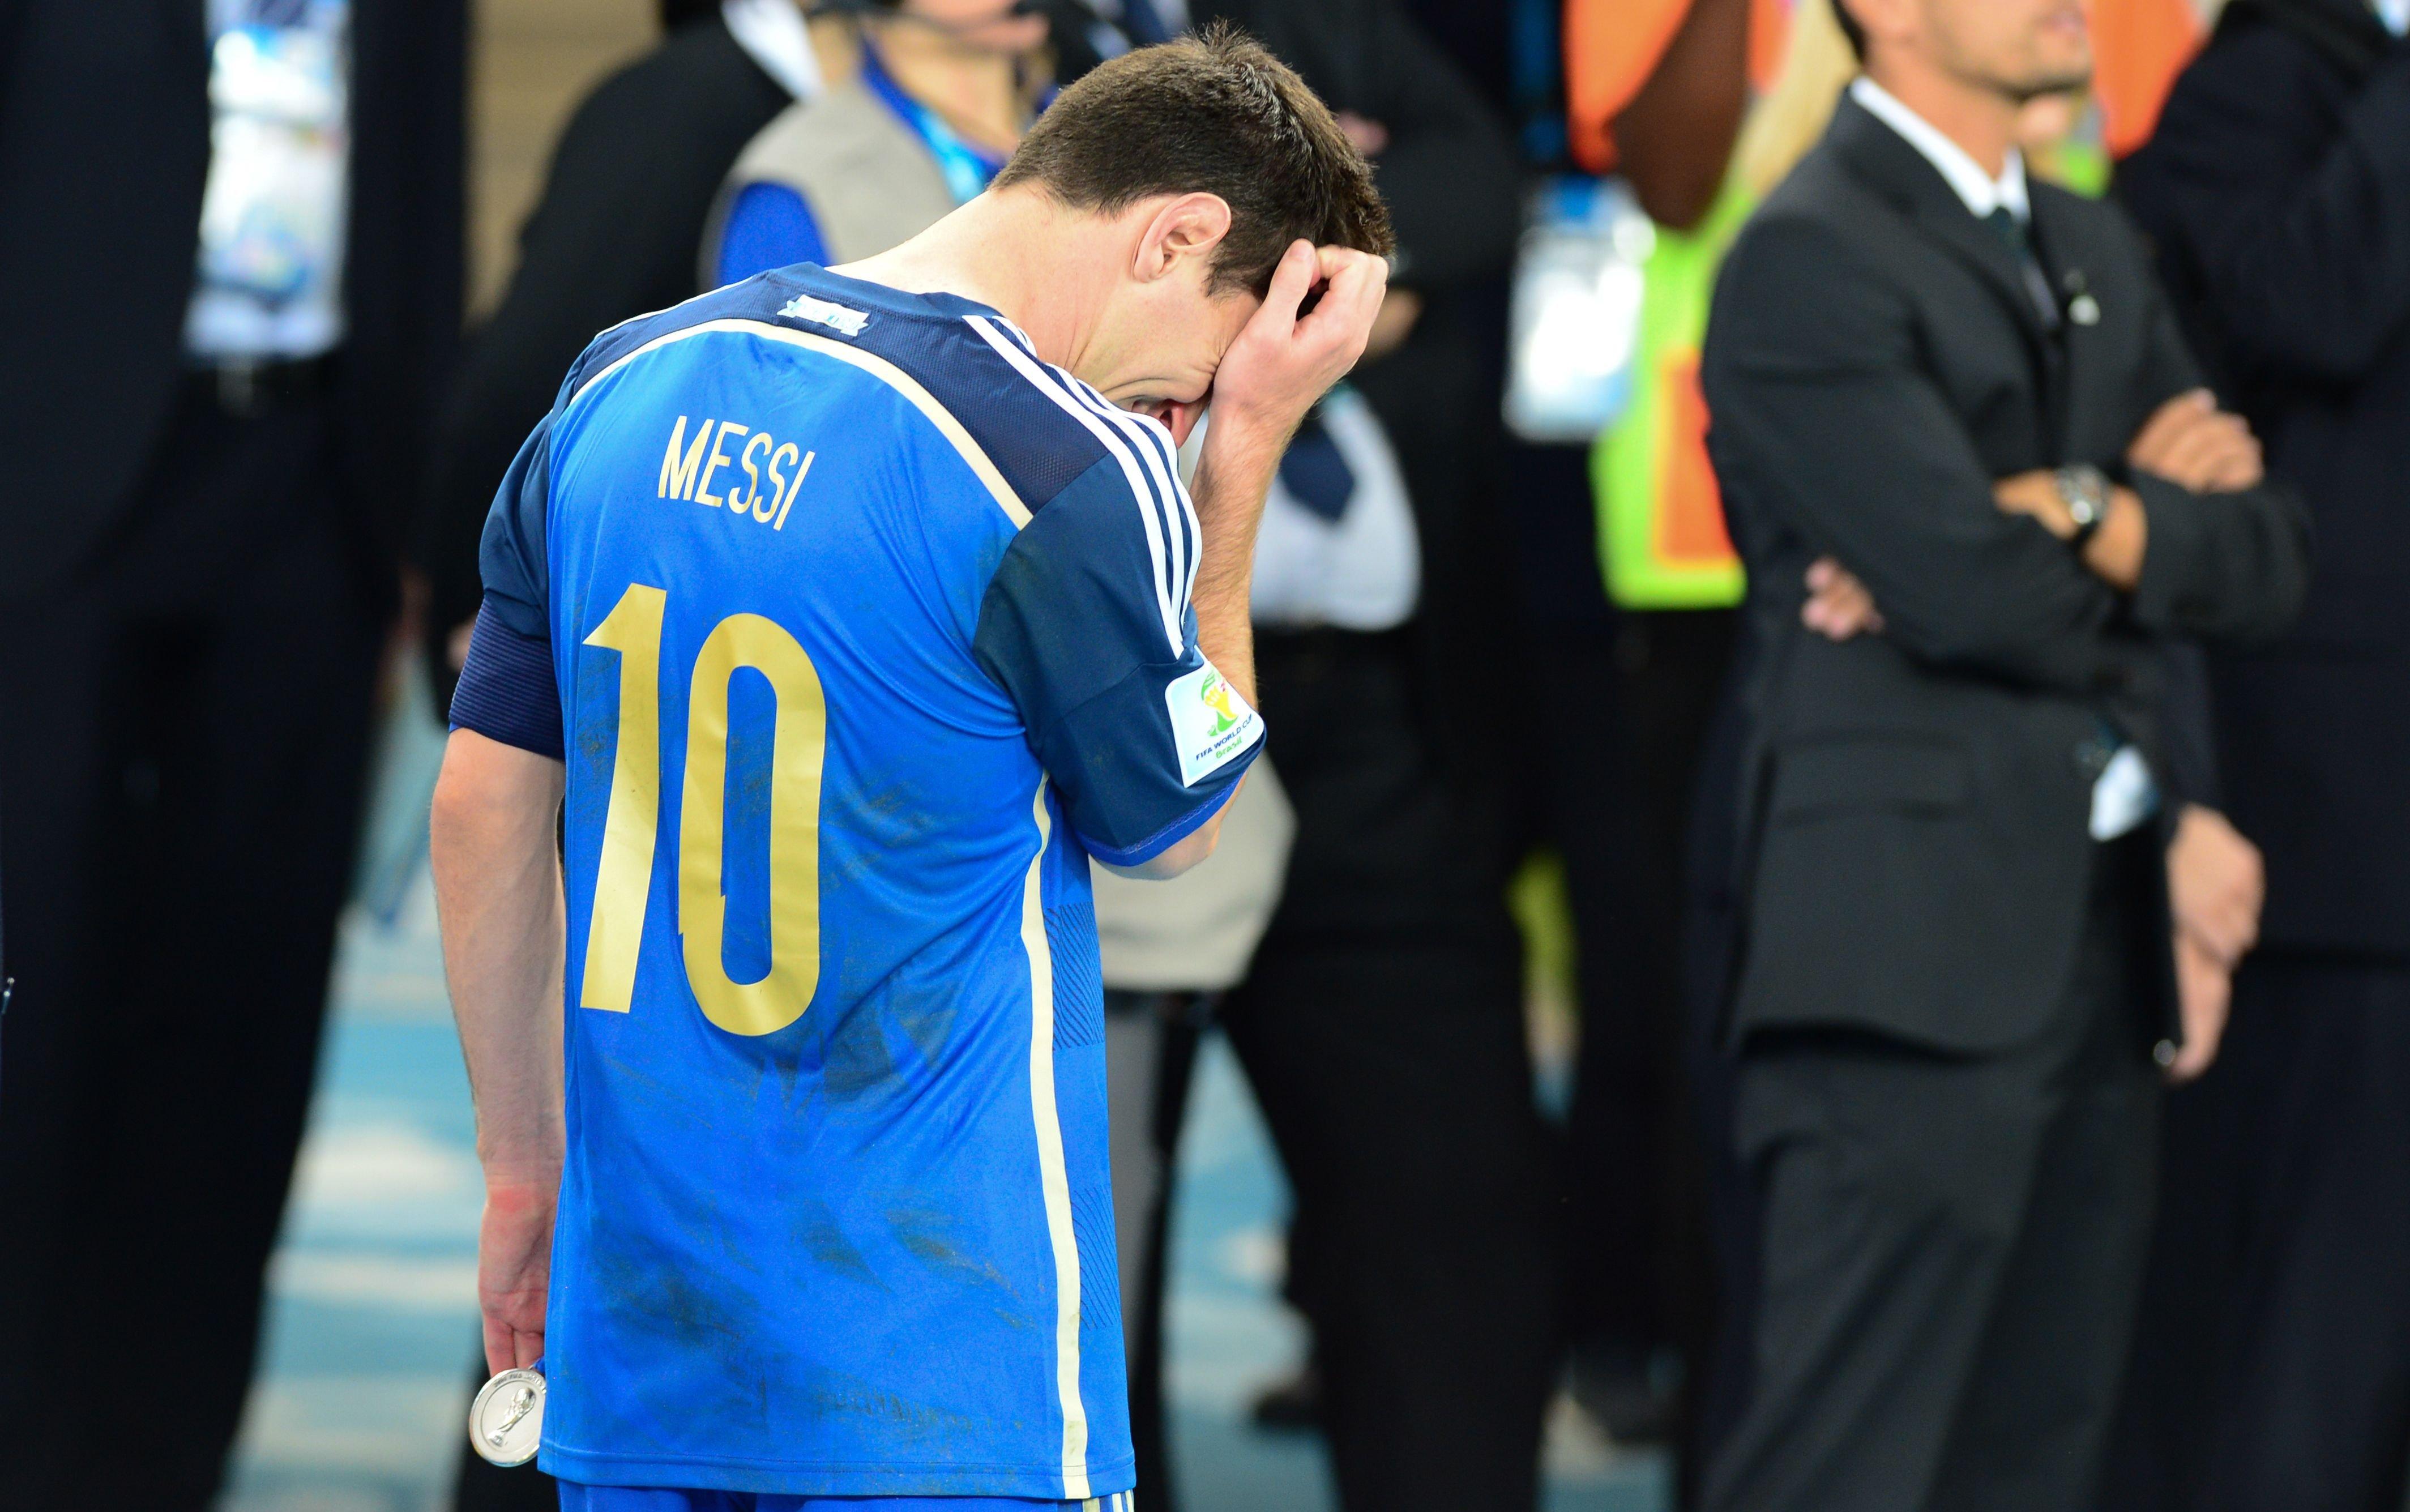 Сборная Испании пофутболу разгромила команду Аргентины втоварищеском матче